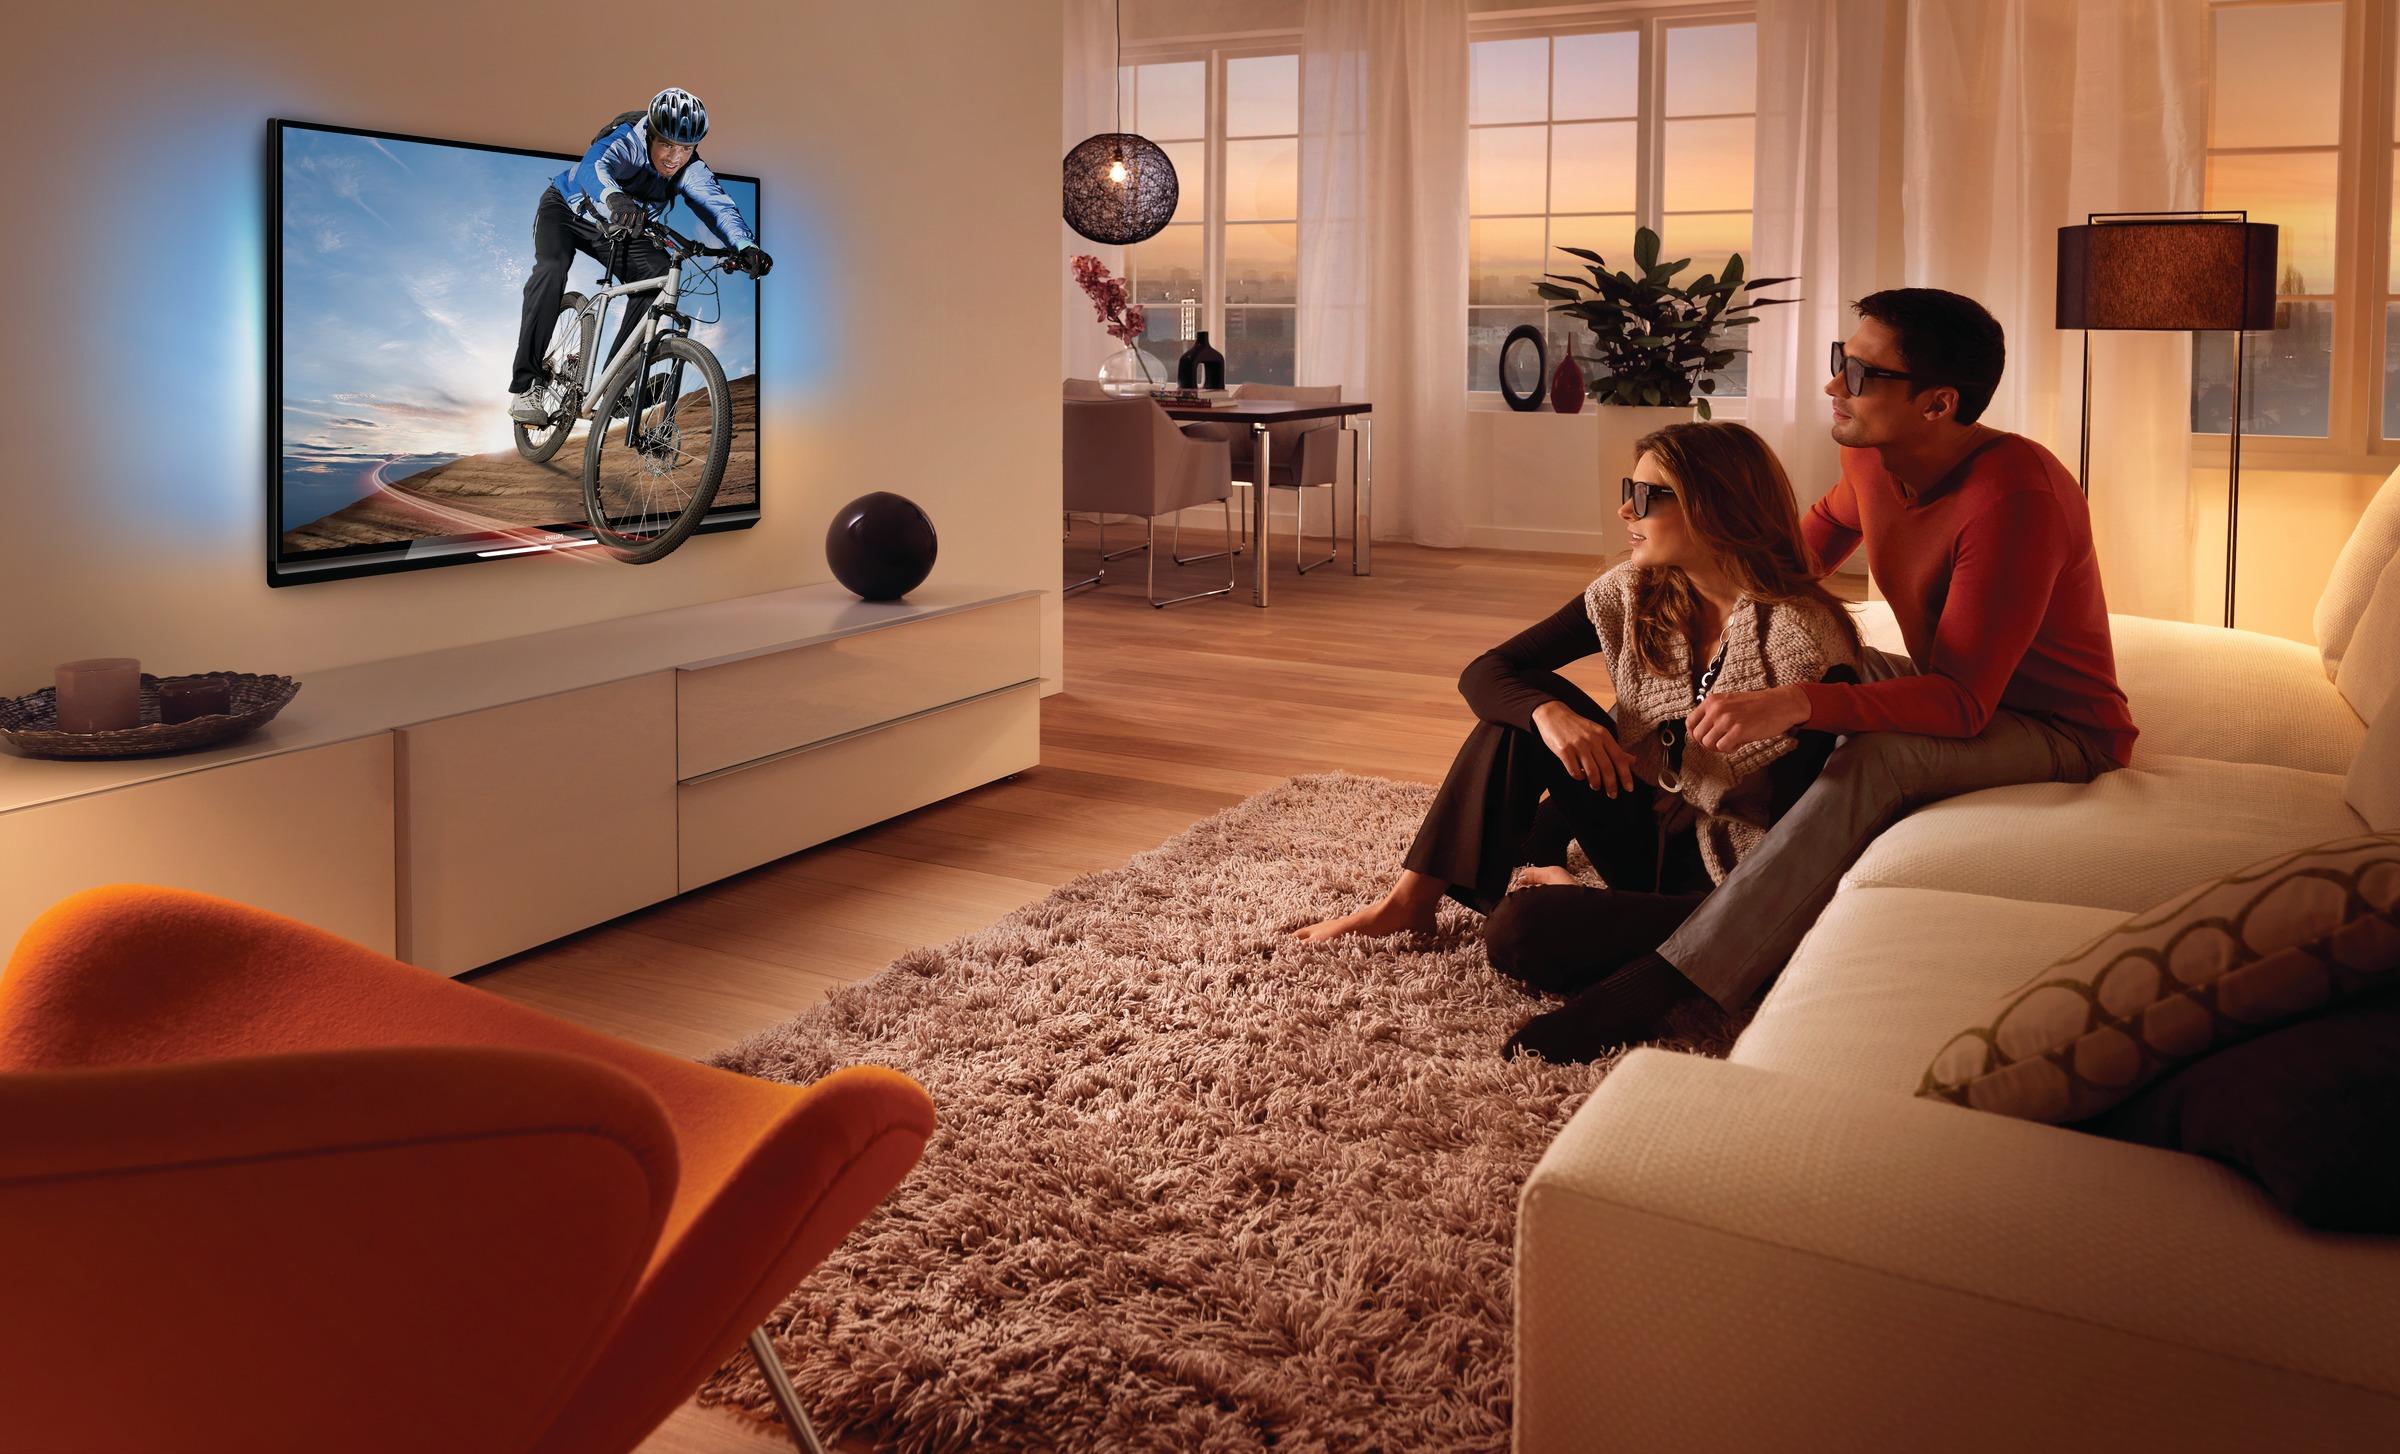 активную рамку с технологией ambilight, которая создает свечение вокруг телевизора